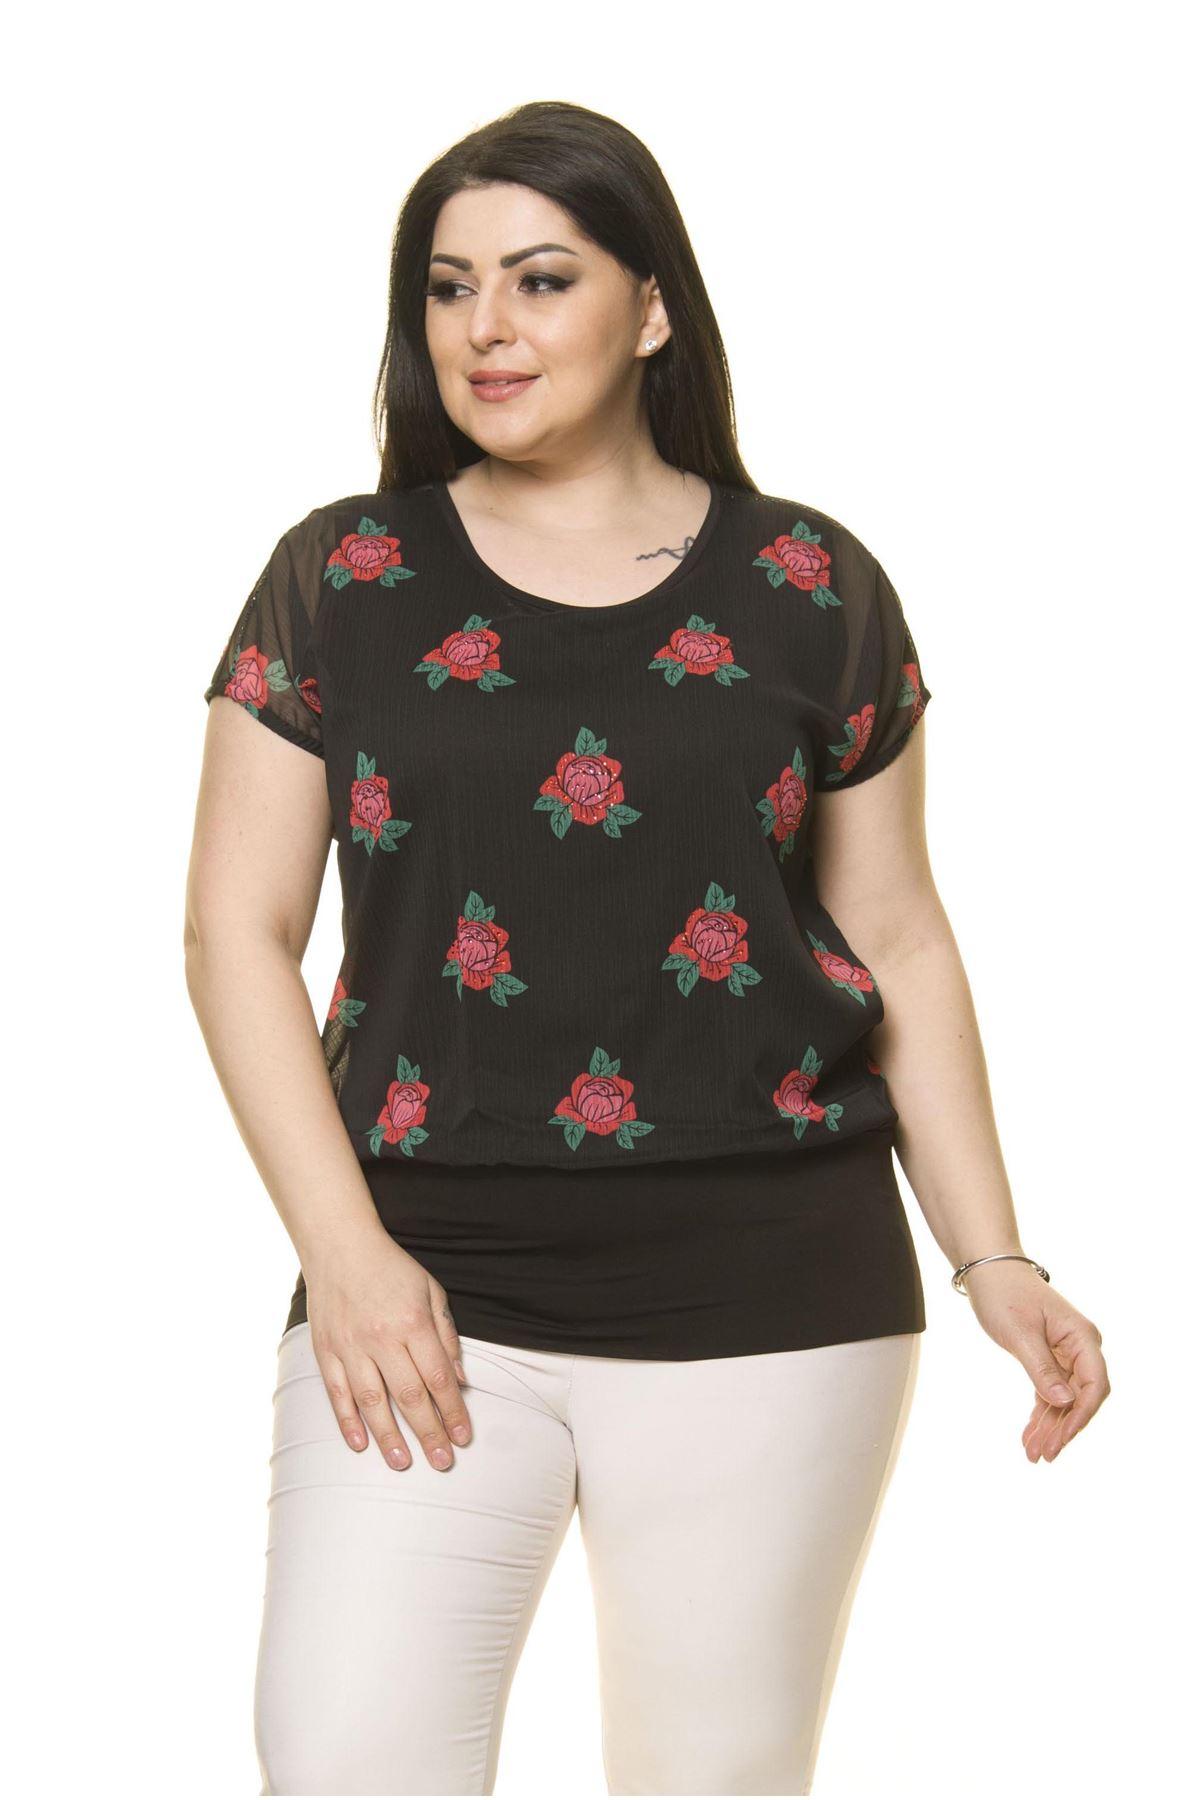 Kadın Büyük Beden Siyah Şifon Bluz  A4-3011-1